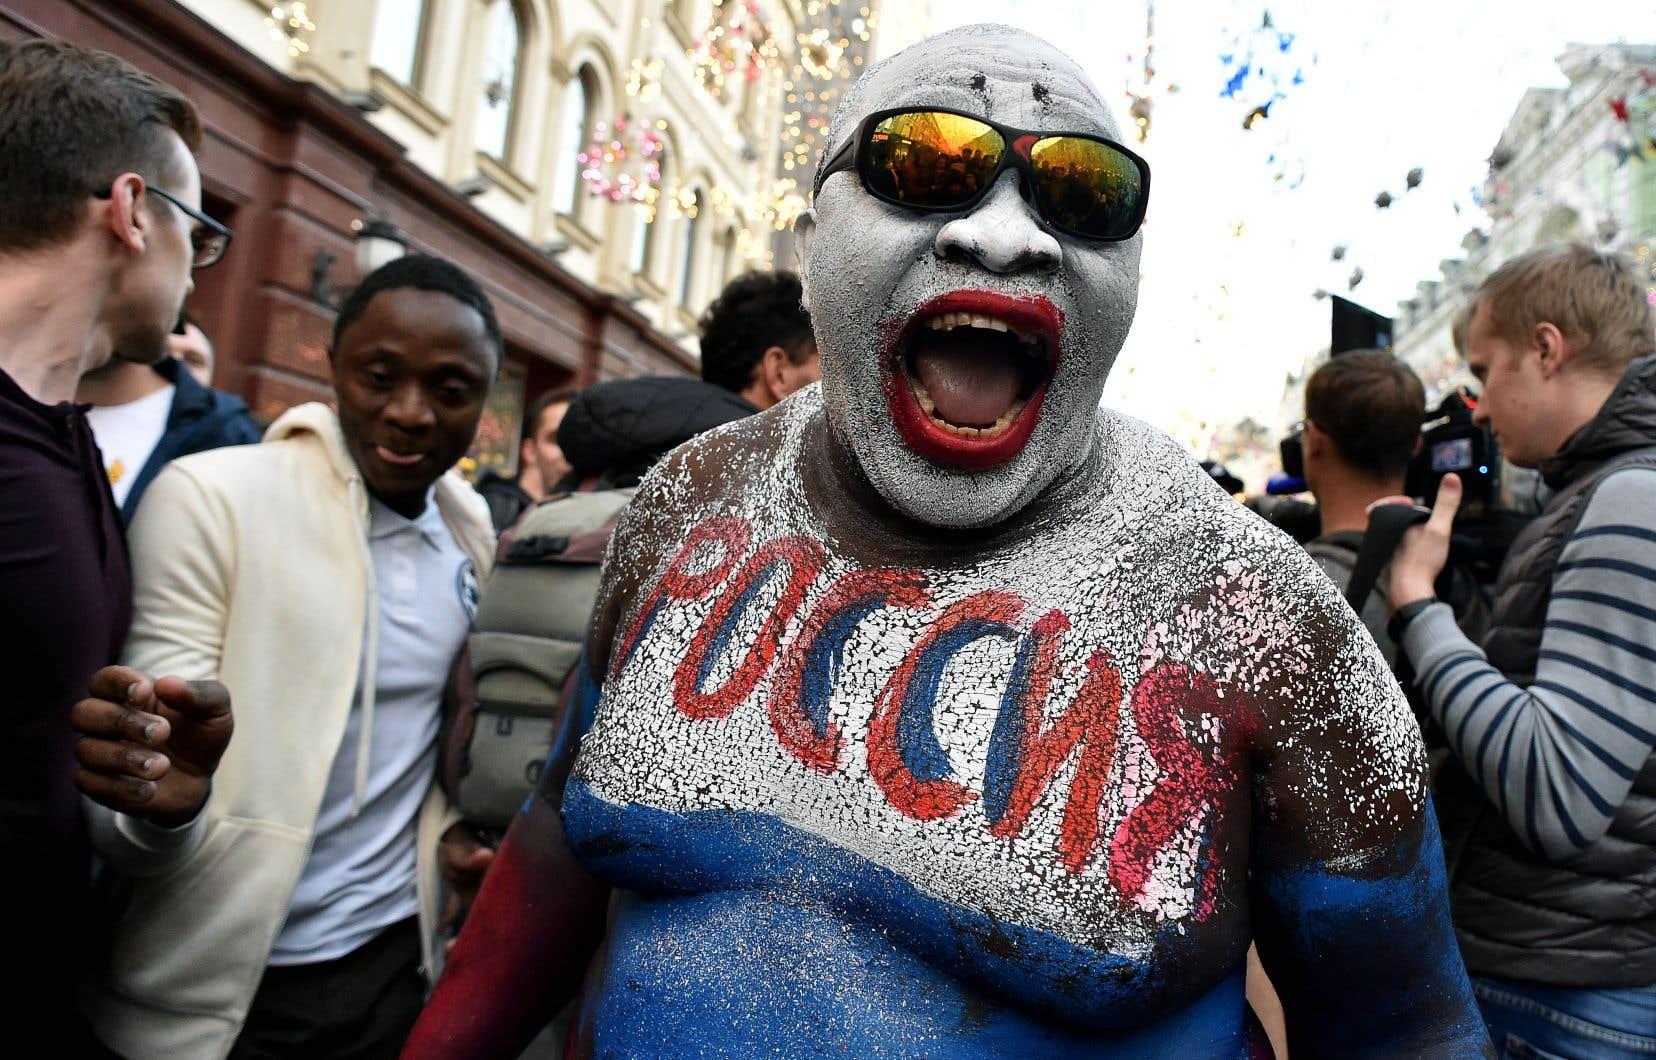 Jeudi, au centre-ville de Moscou, les partisans de l'équipe russe ont exprimé leur joie après la victoire des leurs au premier match de la Coupe du monde, contre l'Arabie saoudite.